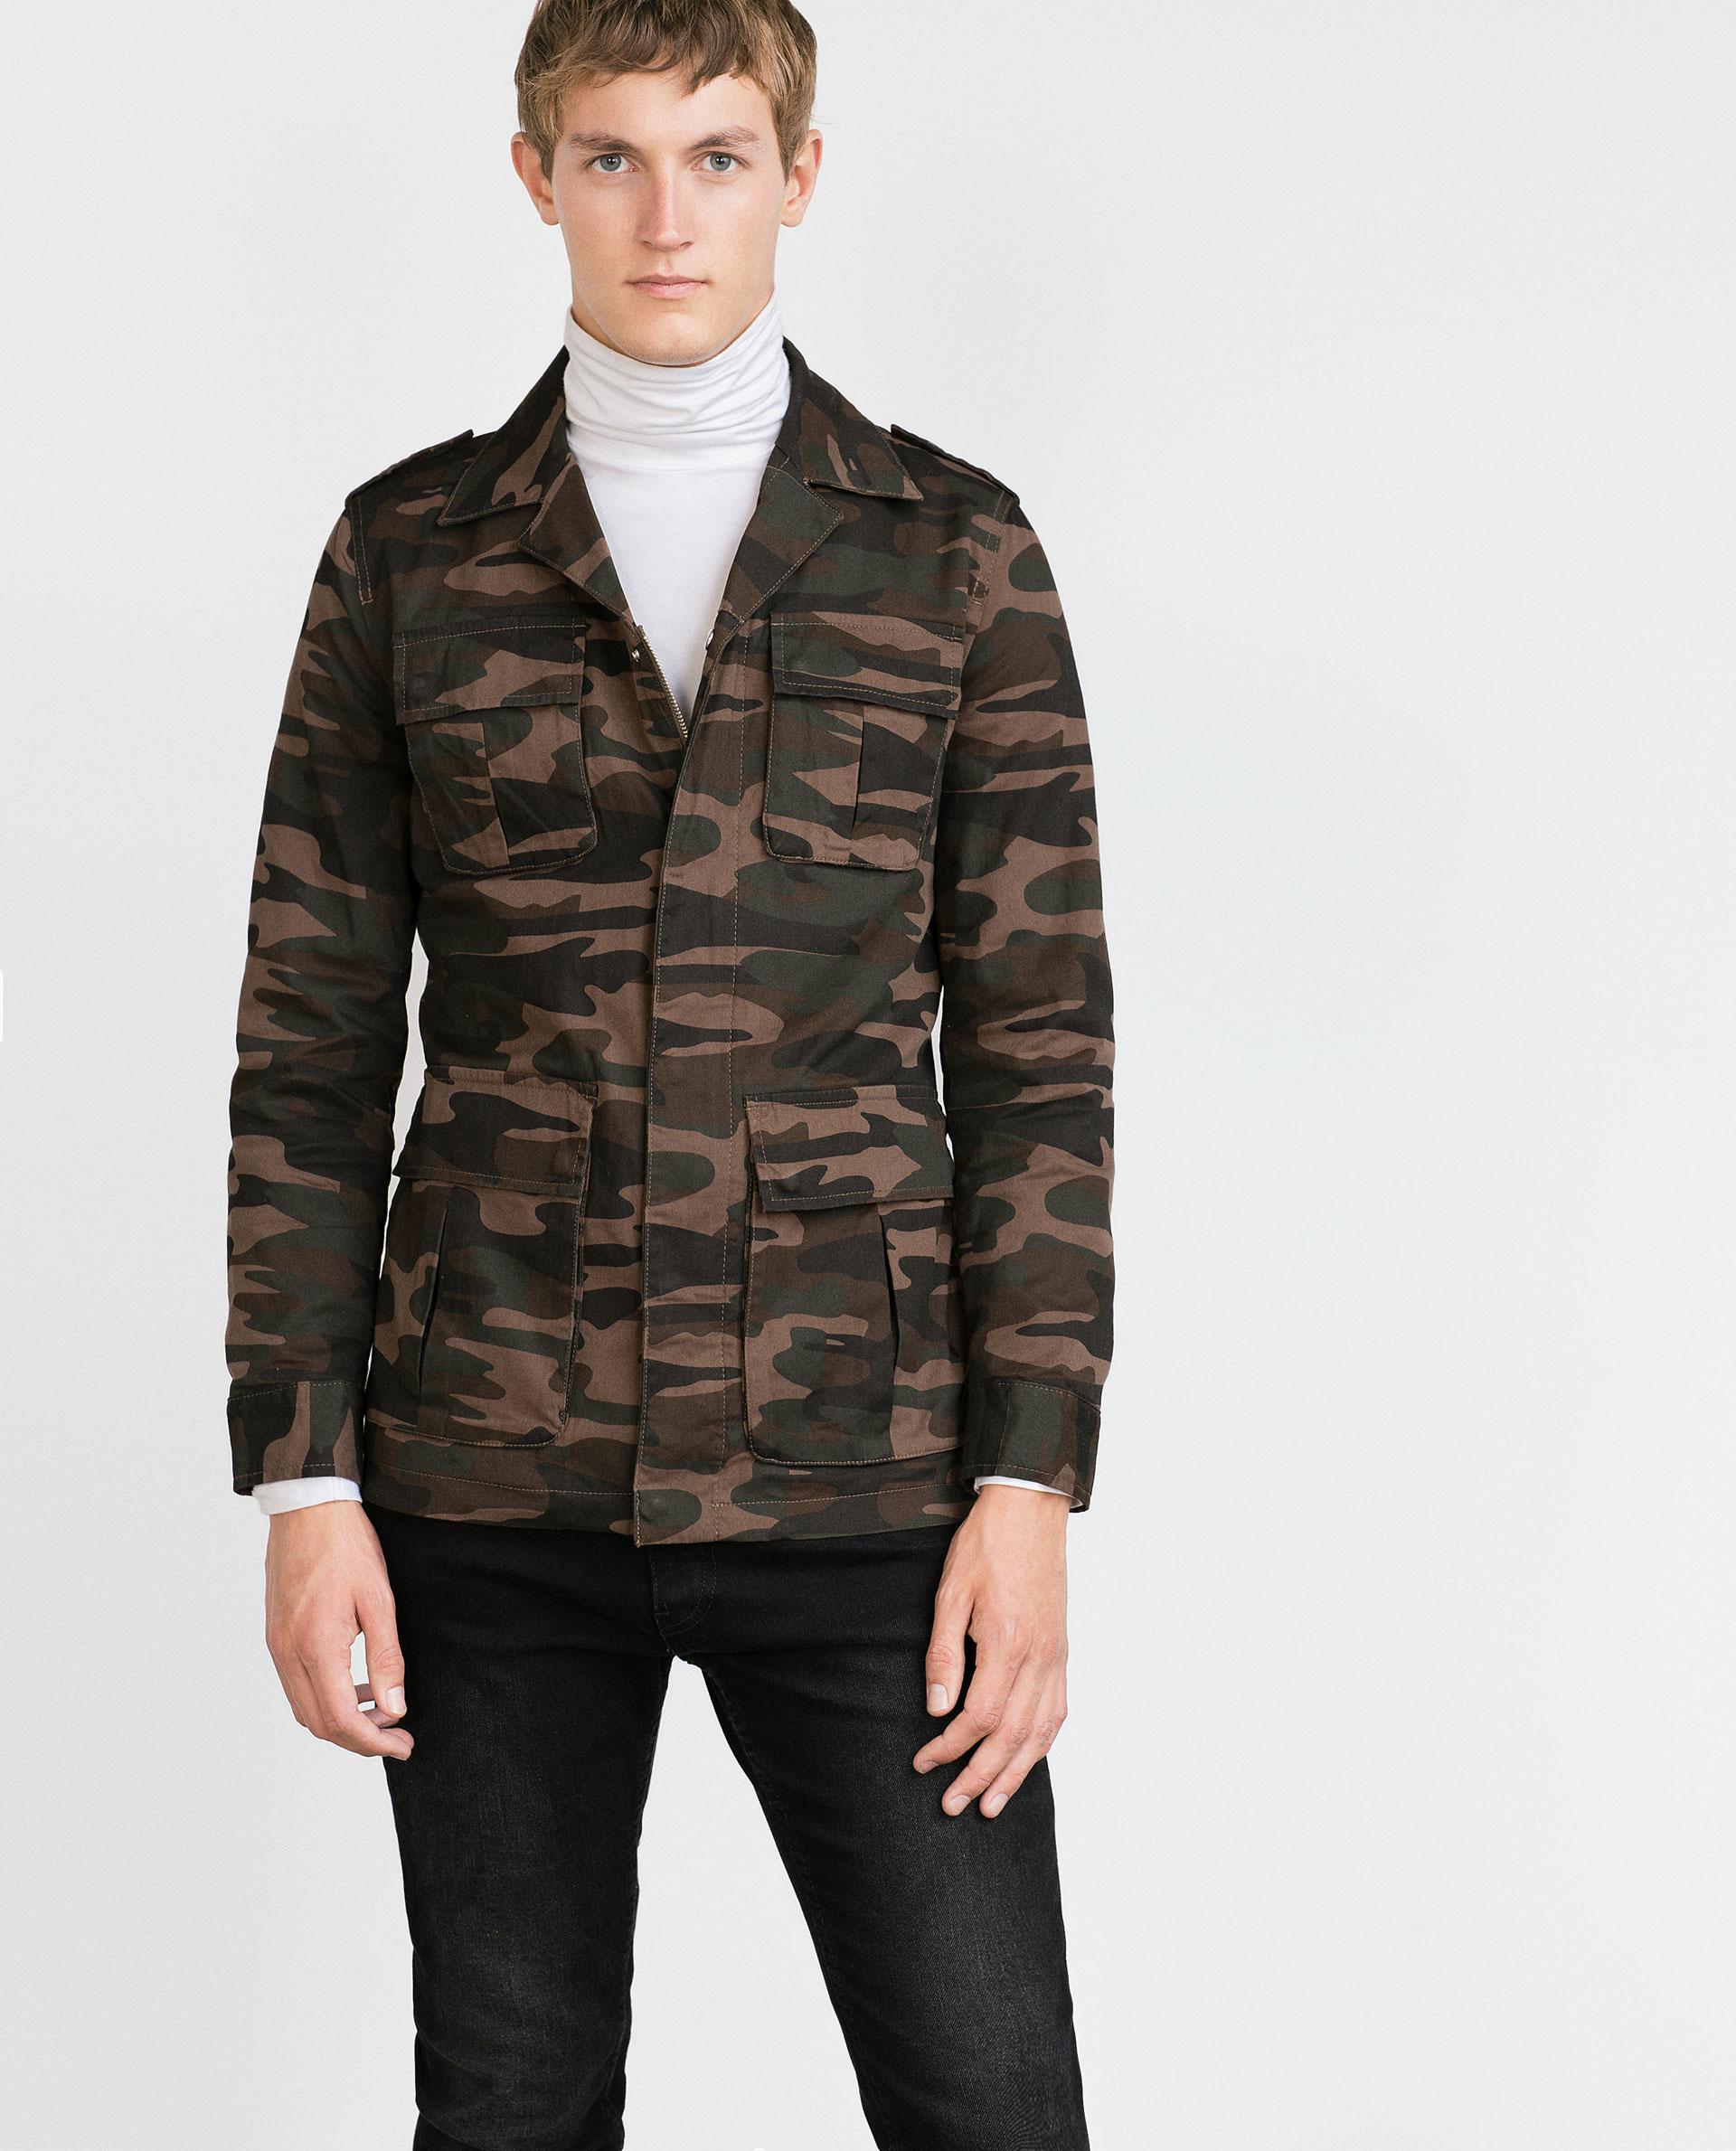 Zara Mens Winter Coats - Tradingbasis